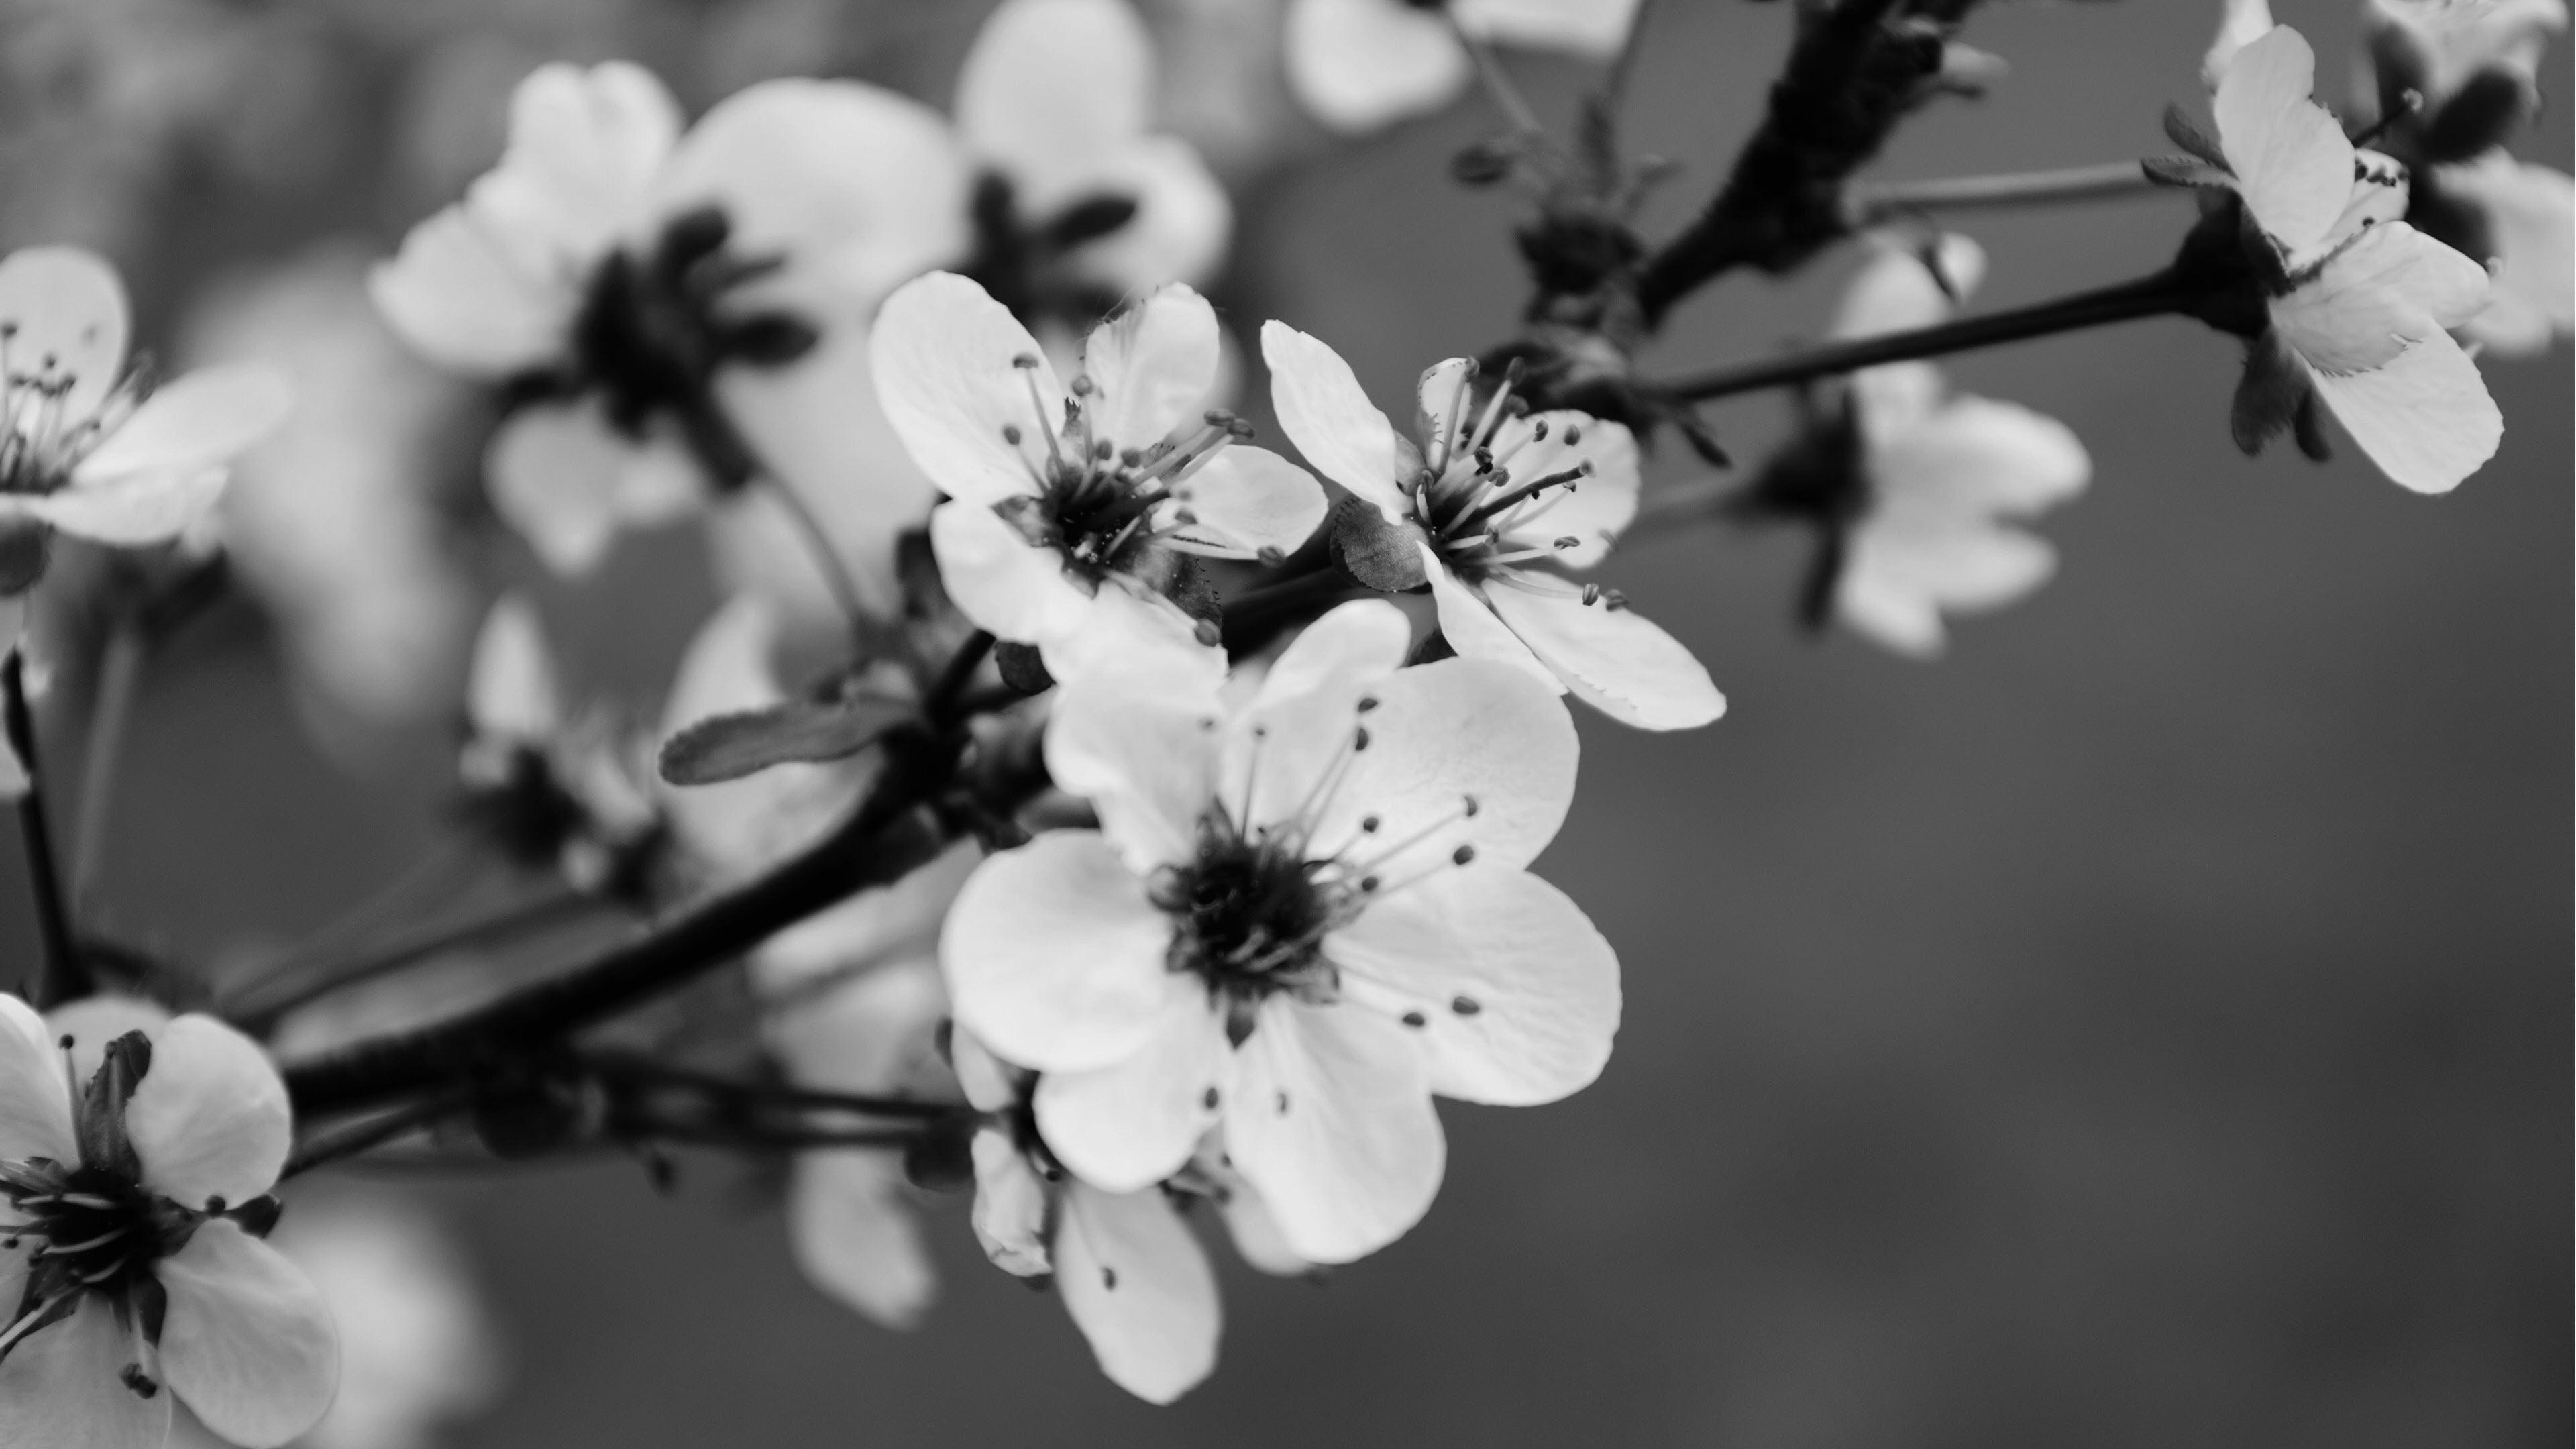 Ảnh nền hoa trắng đen